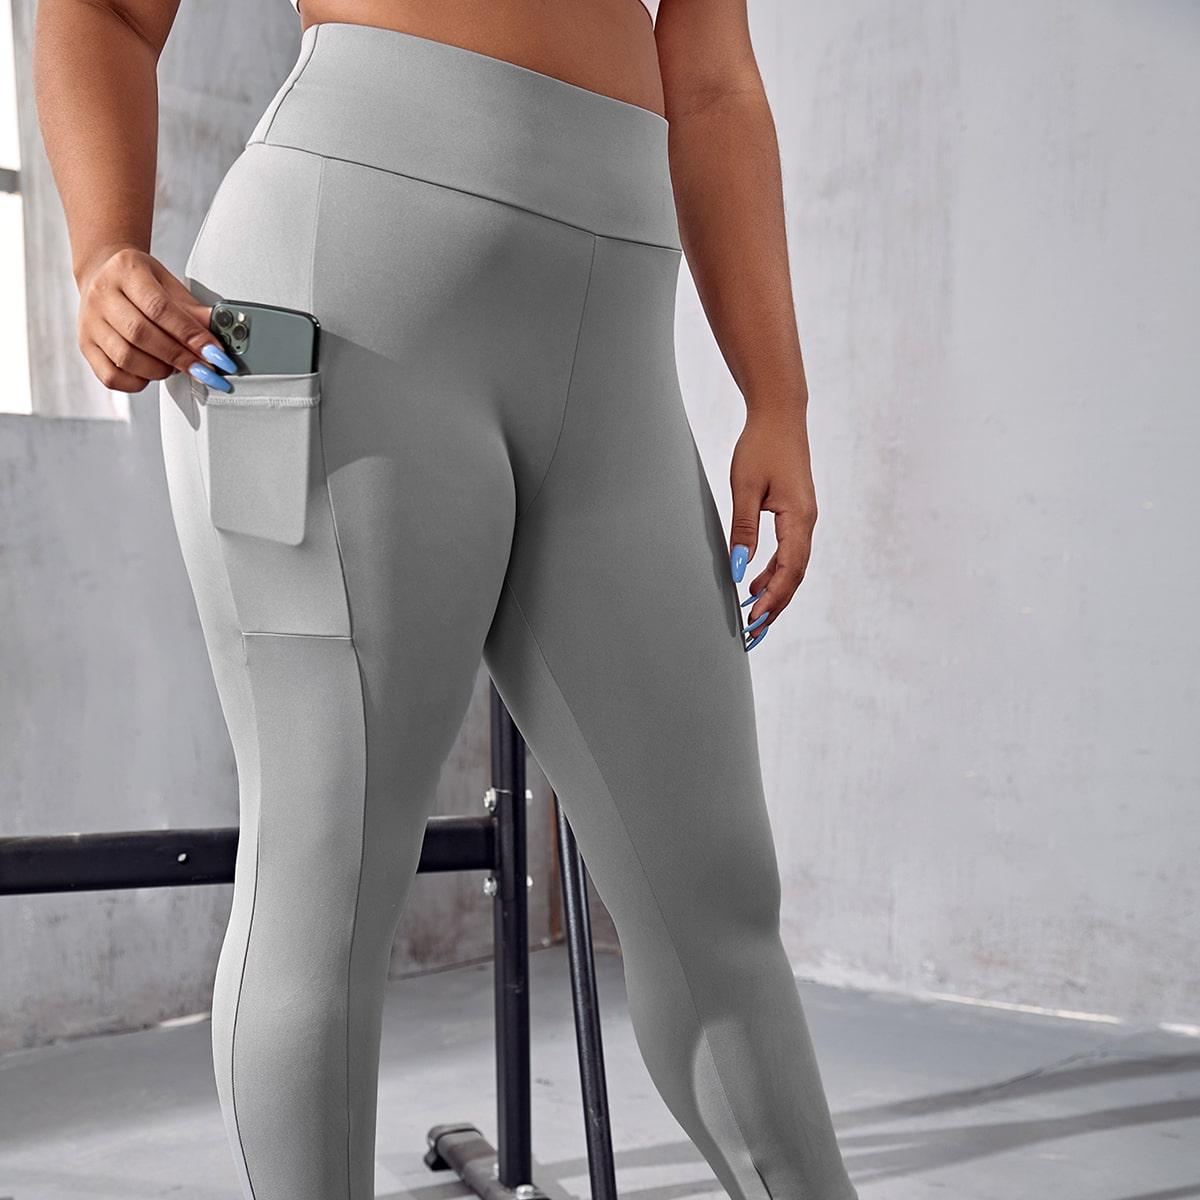 Простые спортивные колготки большого размера с широким поясом и карманами для сотовых телефонов